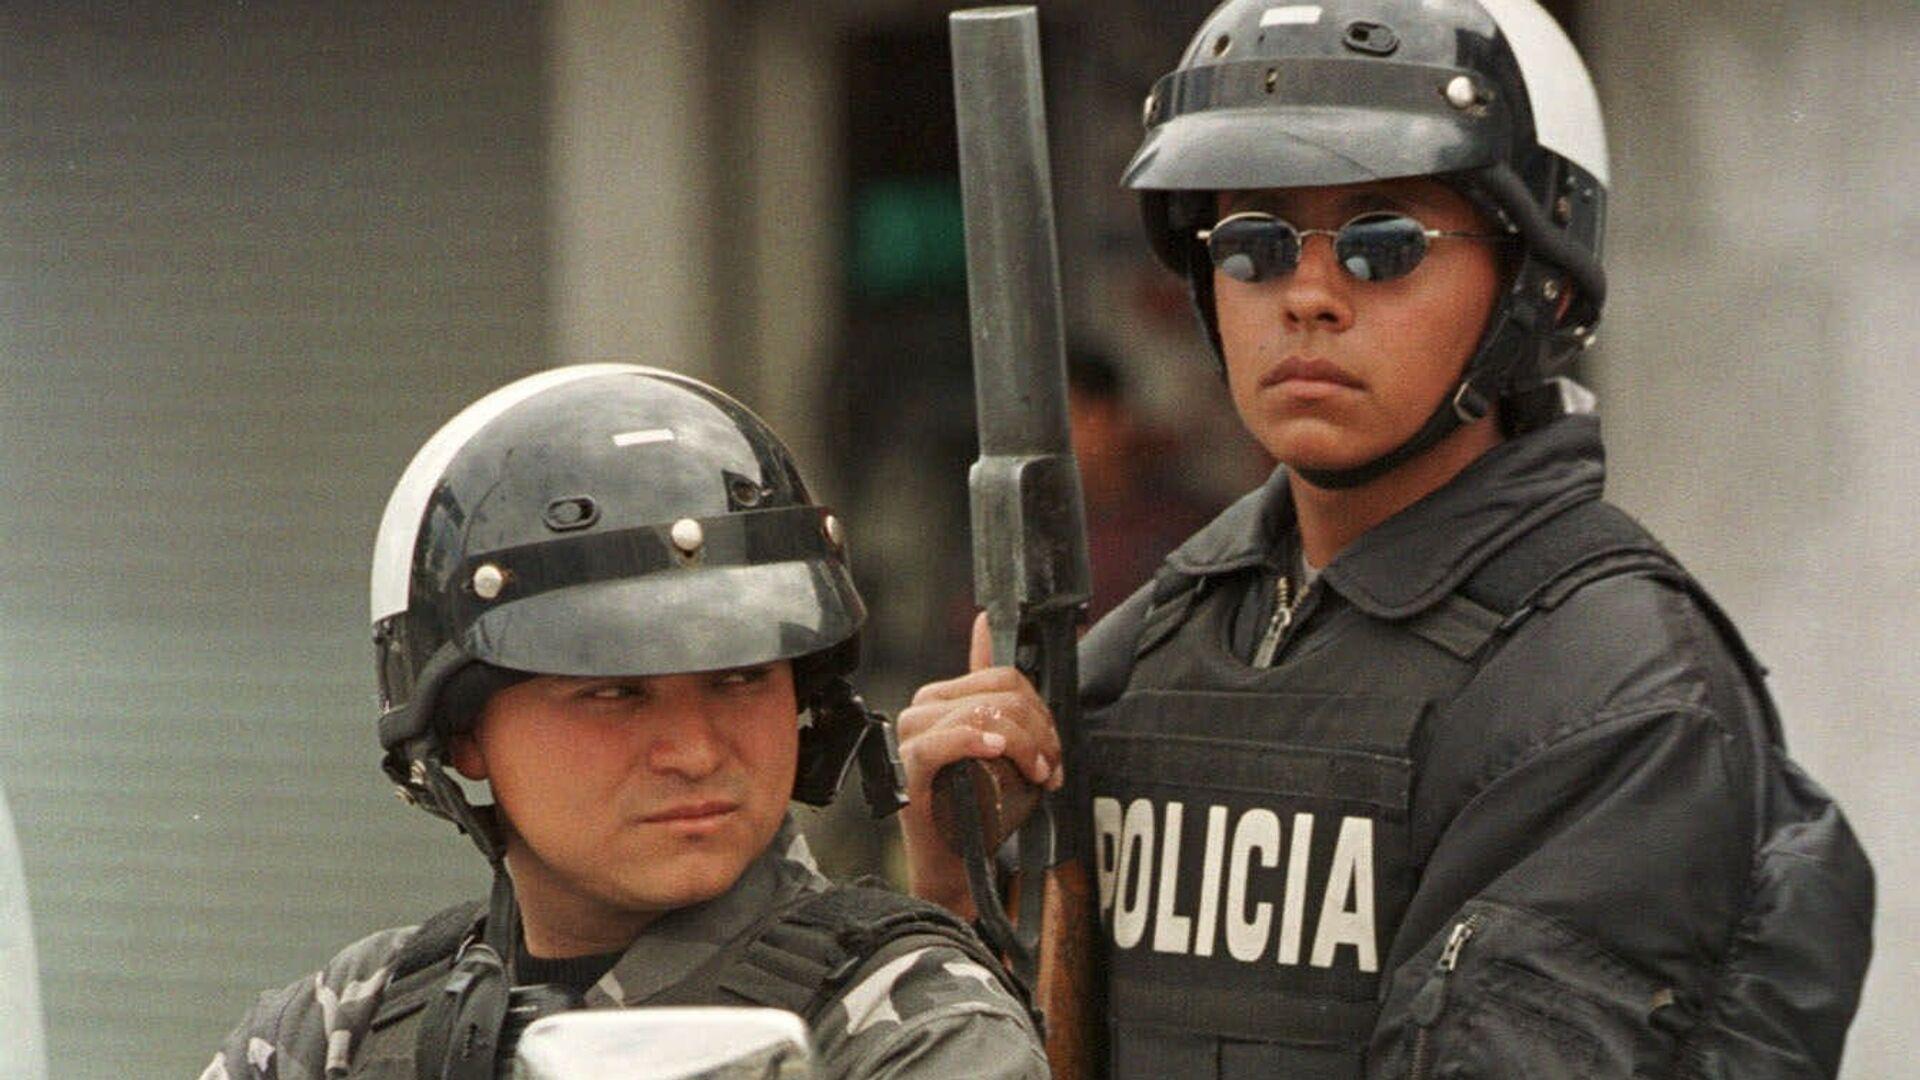 Policía de Ecuador (archivo) - Sputnik Mundo, 1920, 06.04.2021